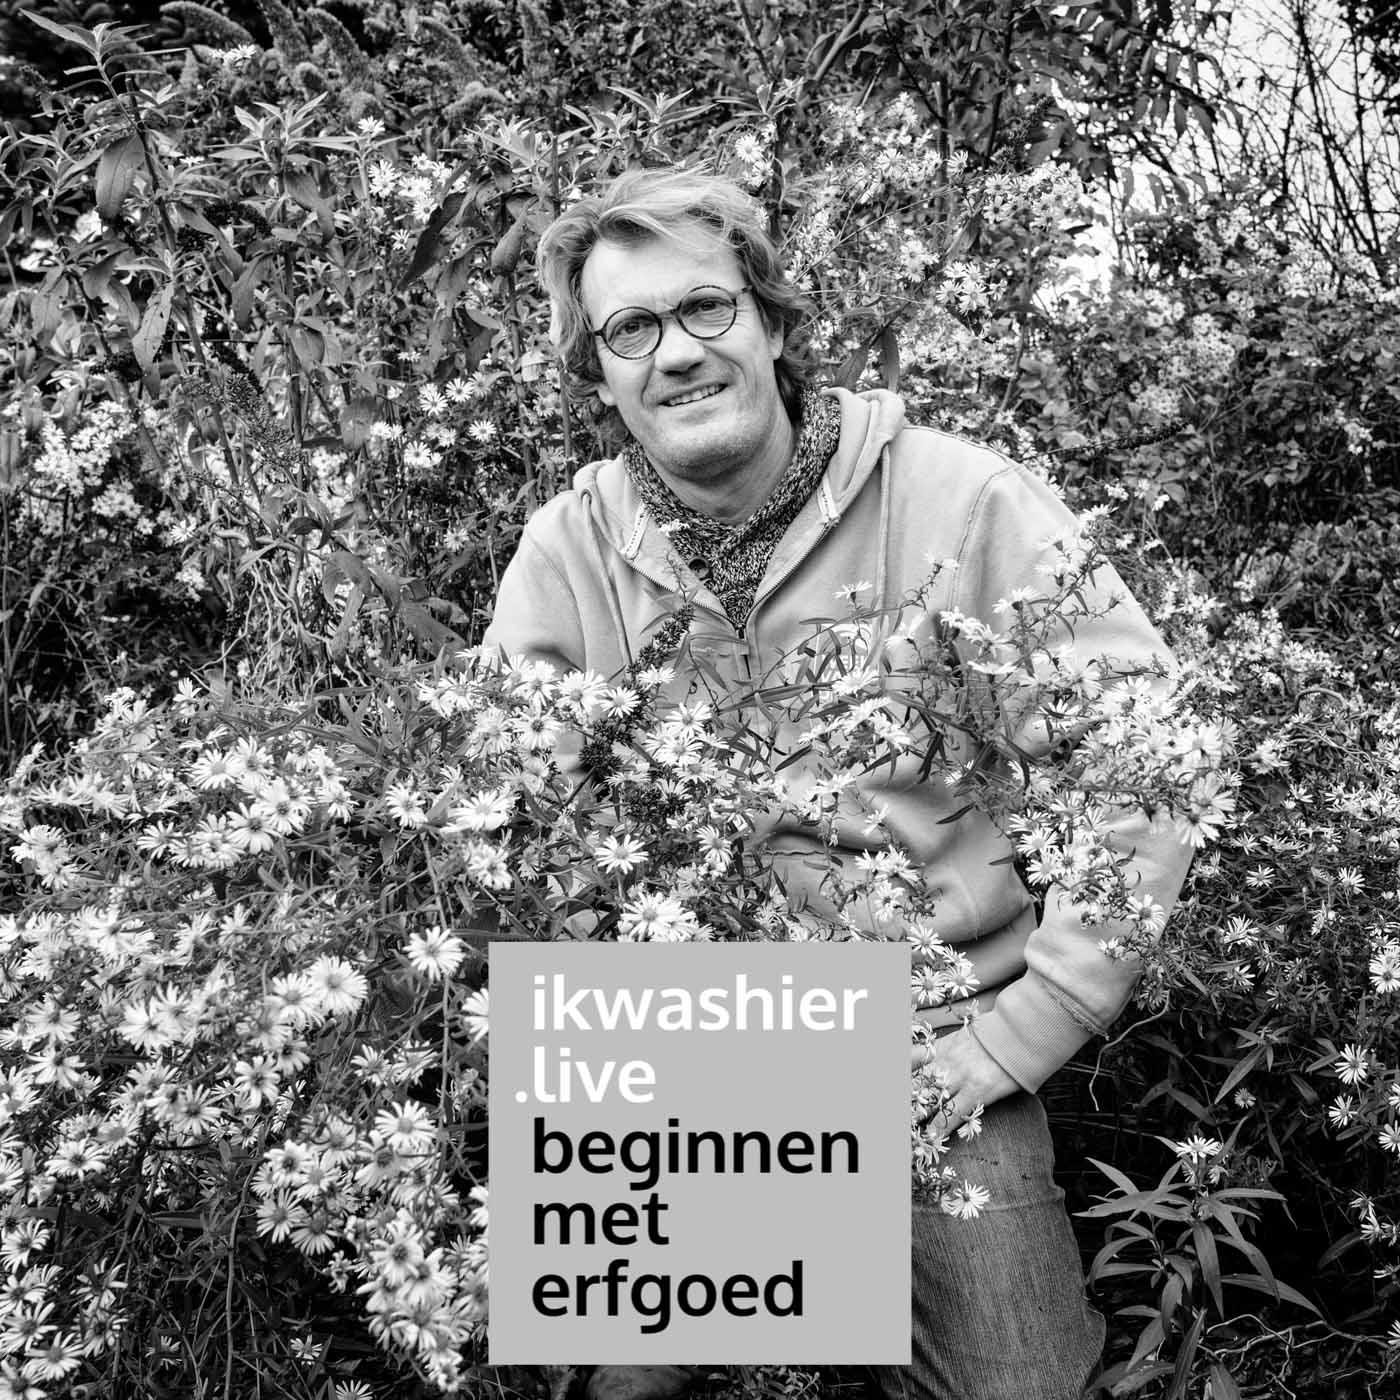 Een bijentuin aanleggen - Bart Vandepoele - Beginnen met erfgoed 212 - ikwashier.live in Bredene